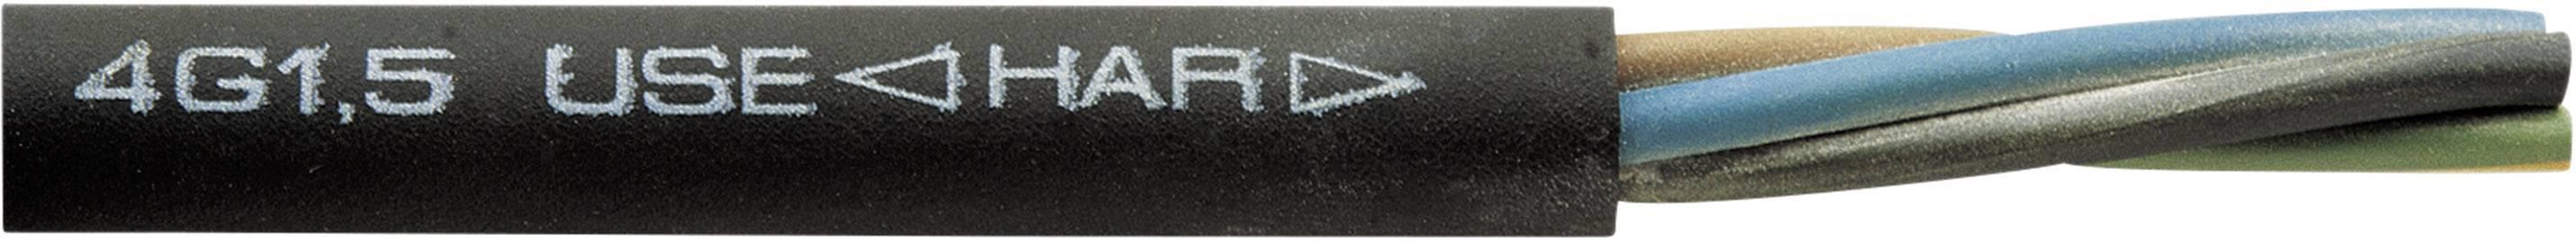 Vícežílový kabel Faber Kabel H07RN-F, 050068, 5 G 6 mm², černá, metrové zboží